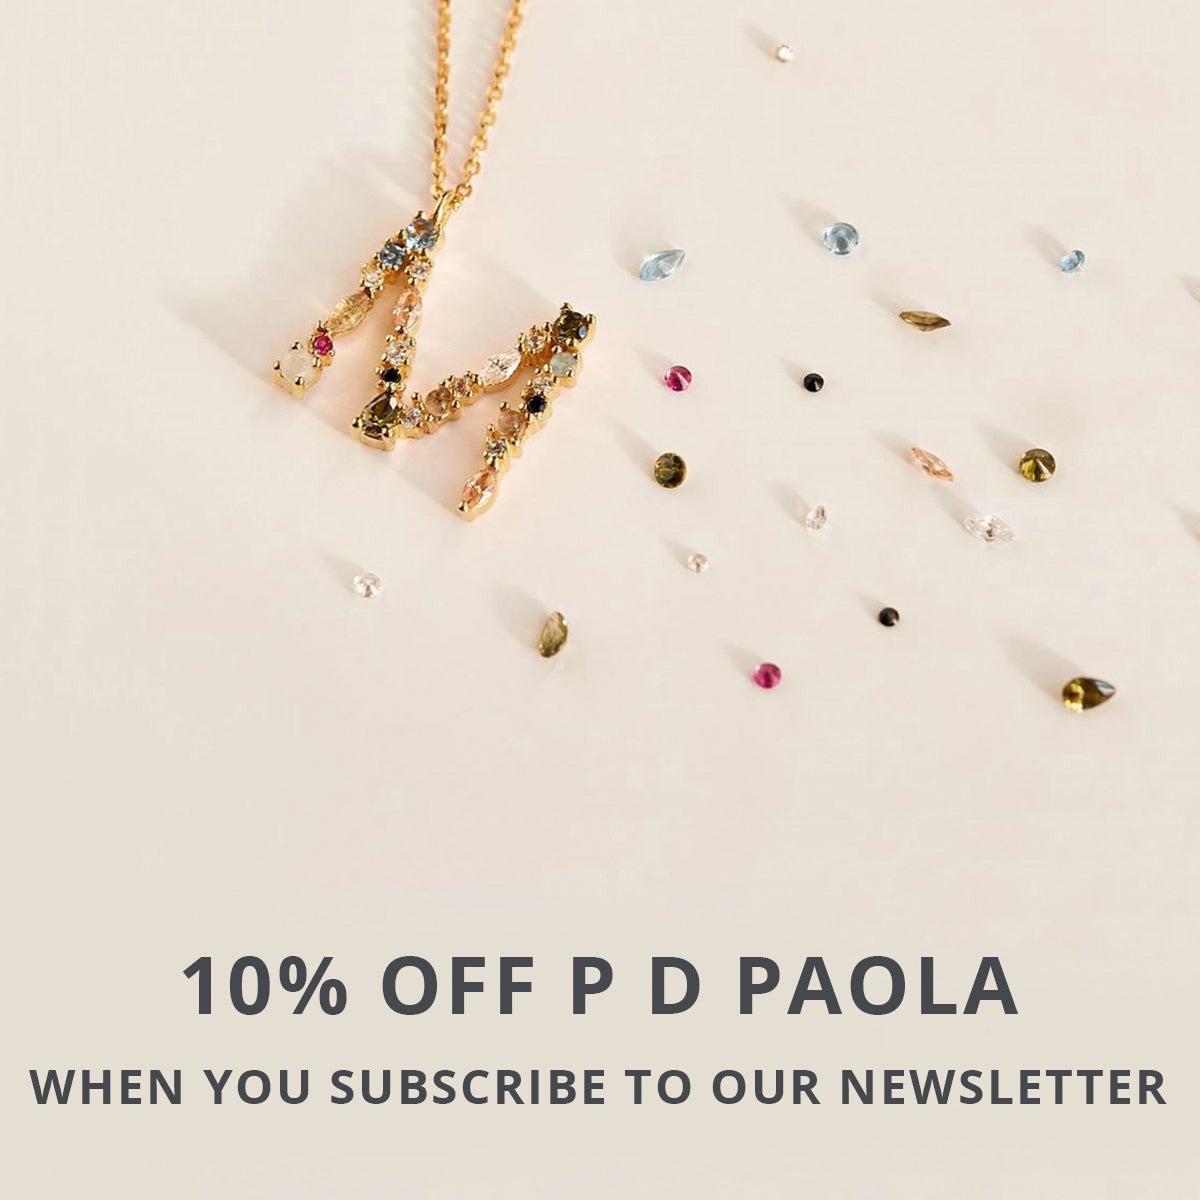 PDPAOLA 10% Off